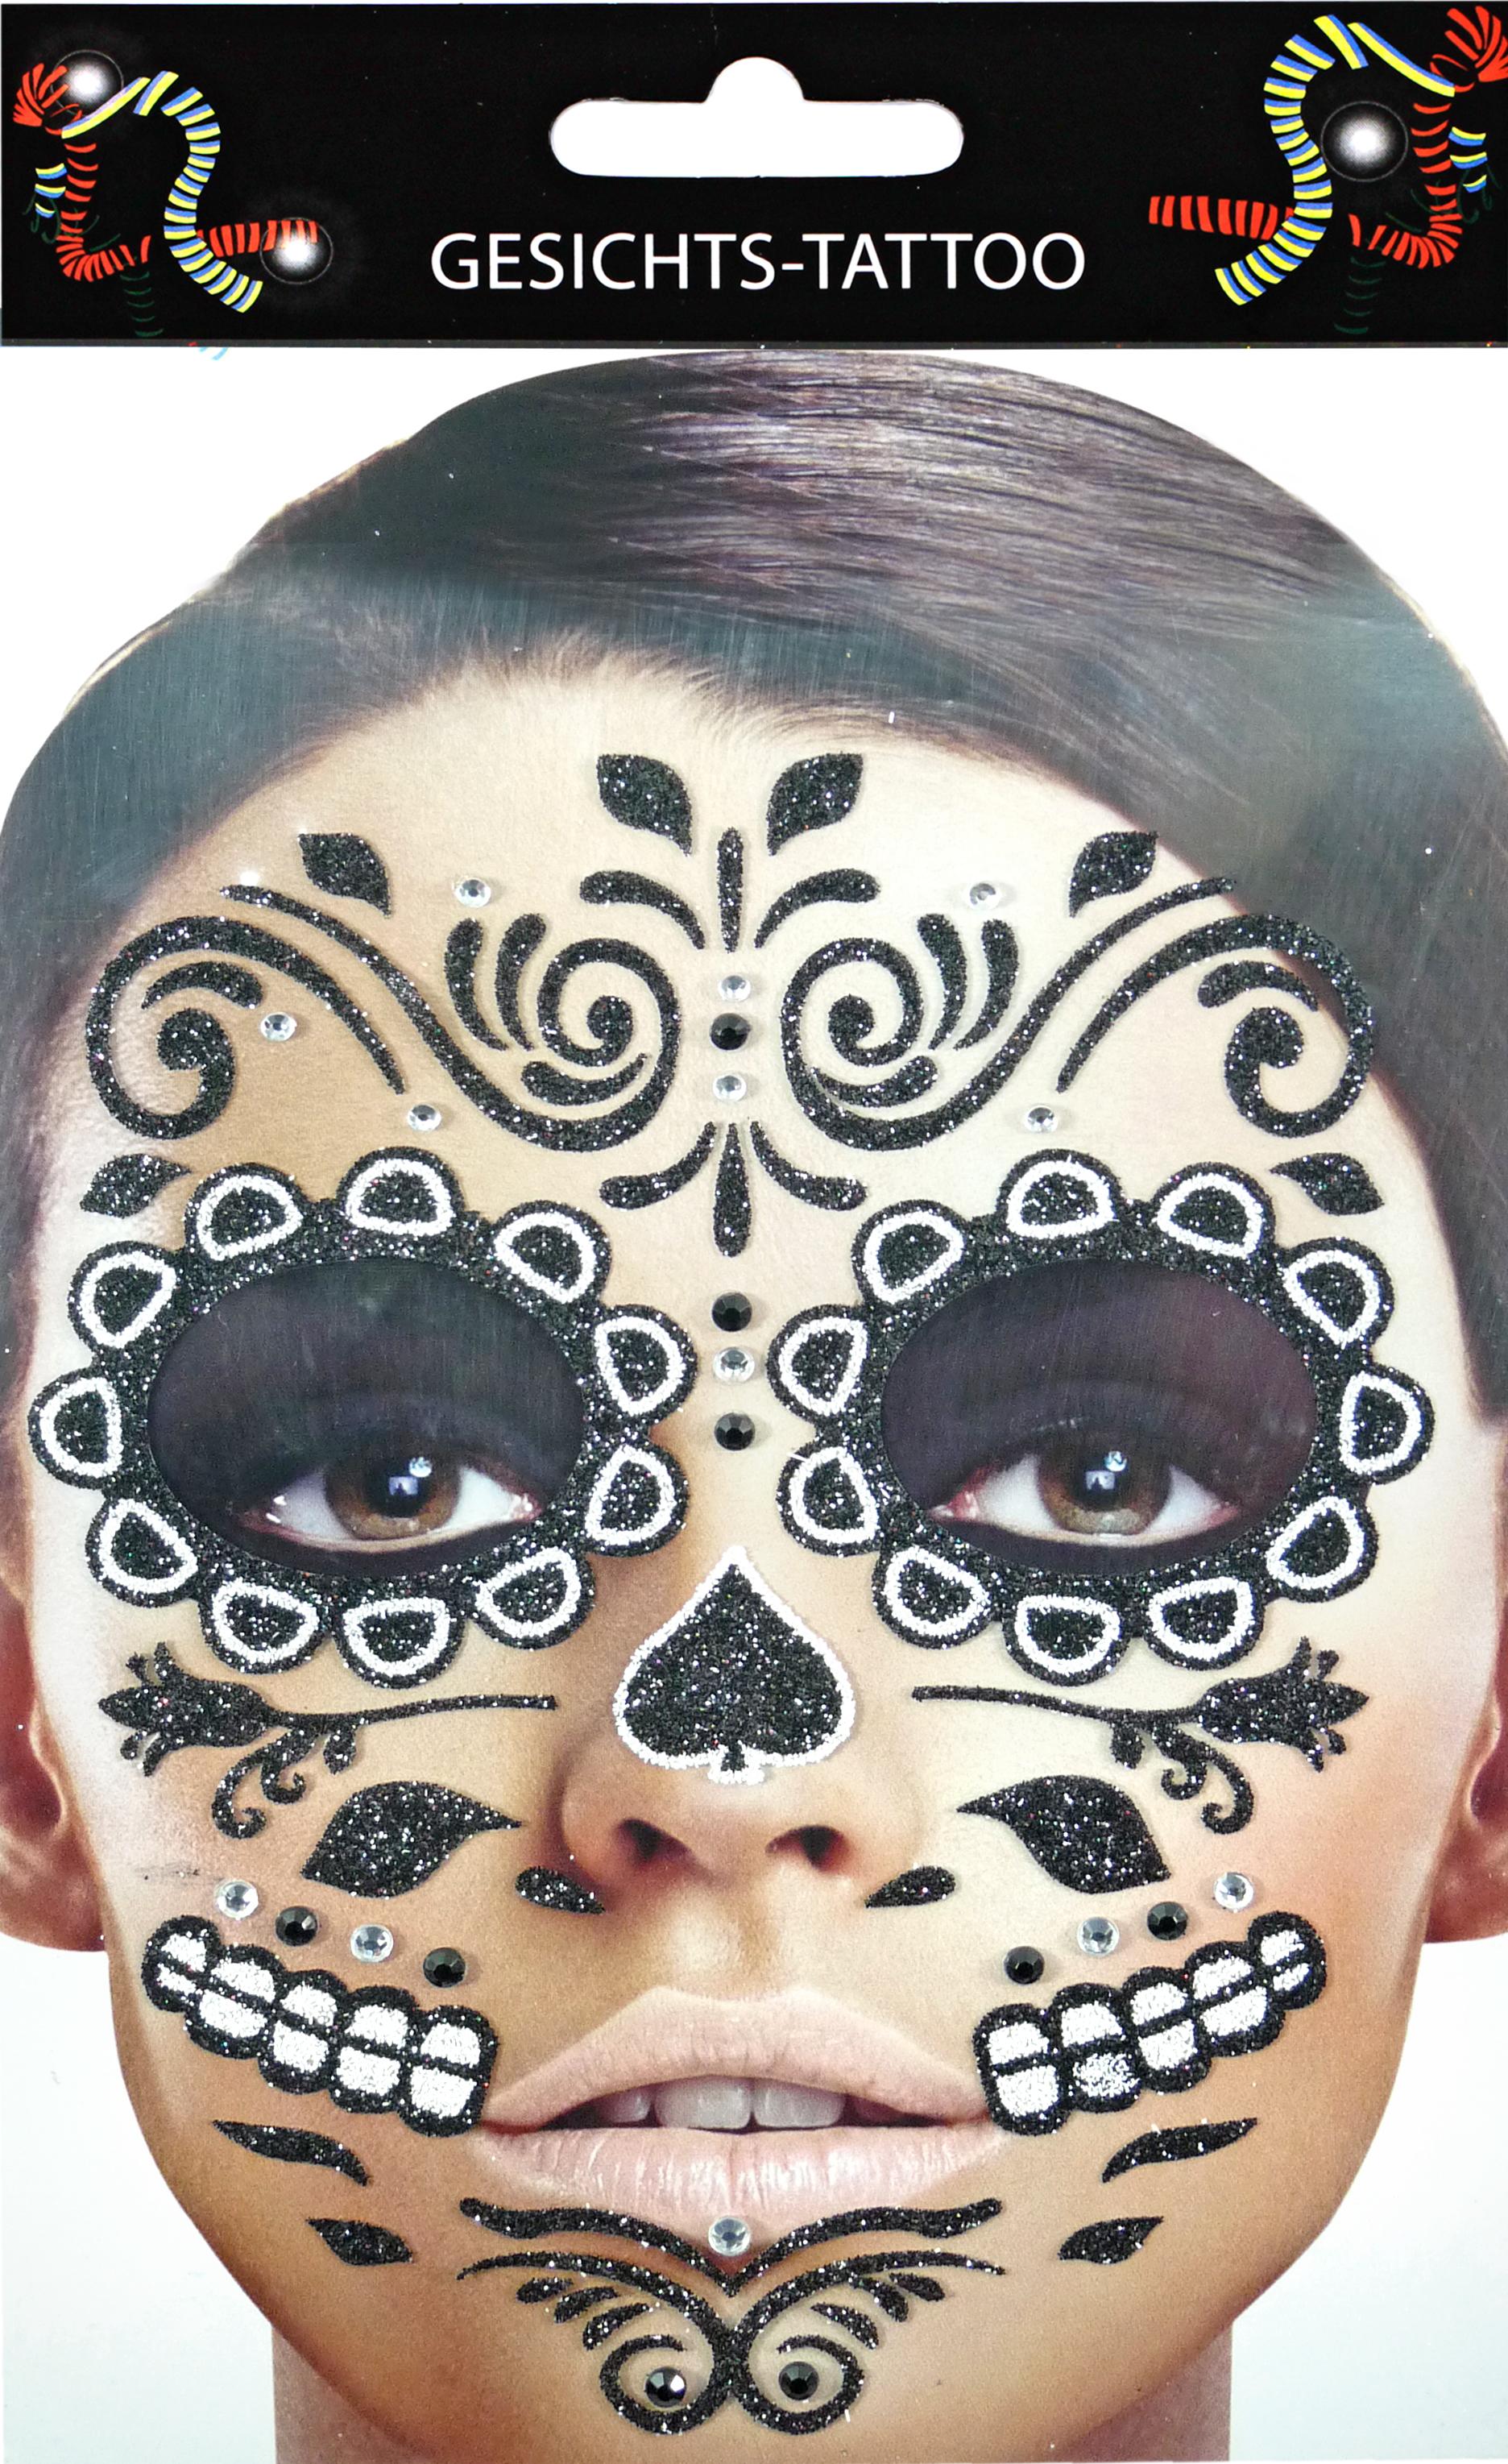 Gesichts-Tattoo Day of the Dead schwarz weiß